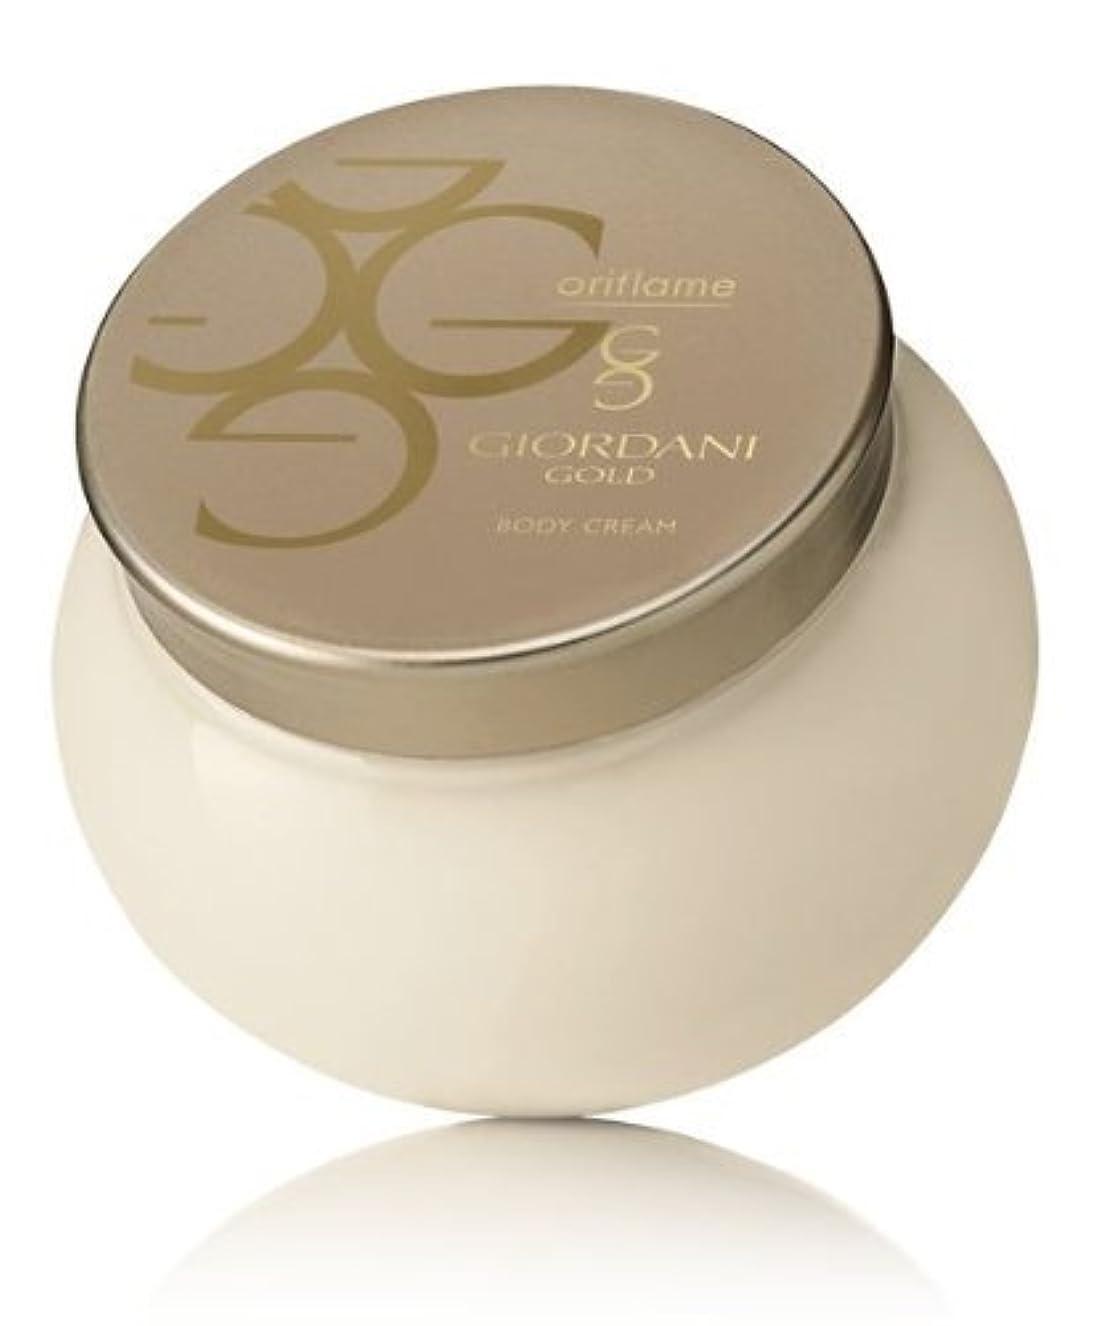 シャイインタネットを見る私たちのGiordani Gold Body Cream by Oriflame